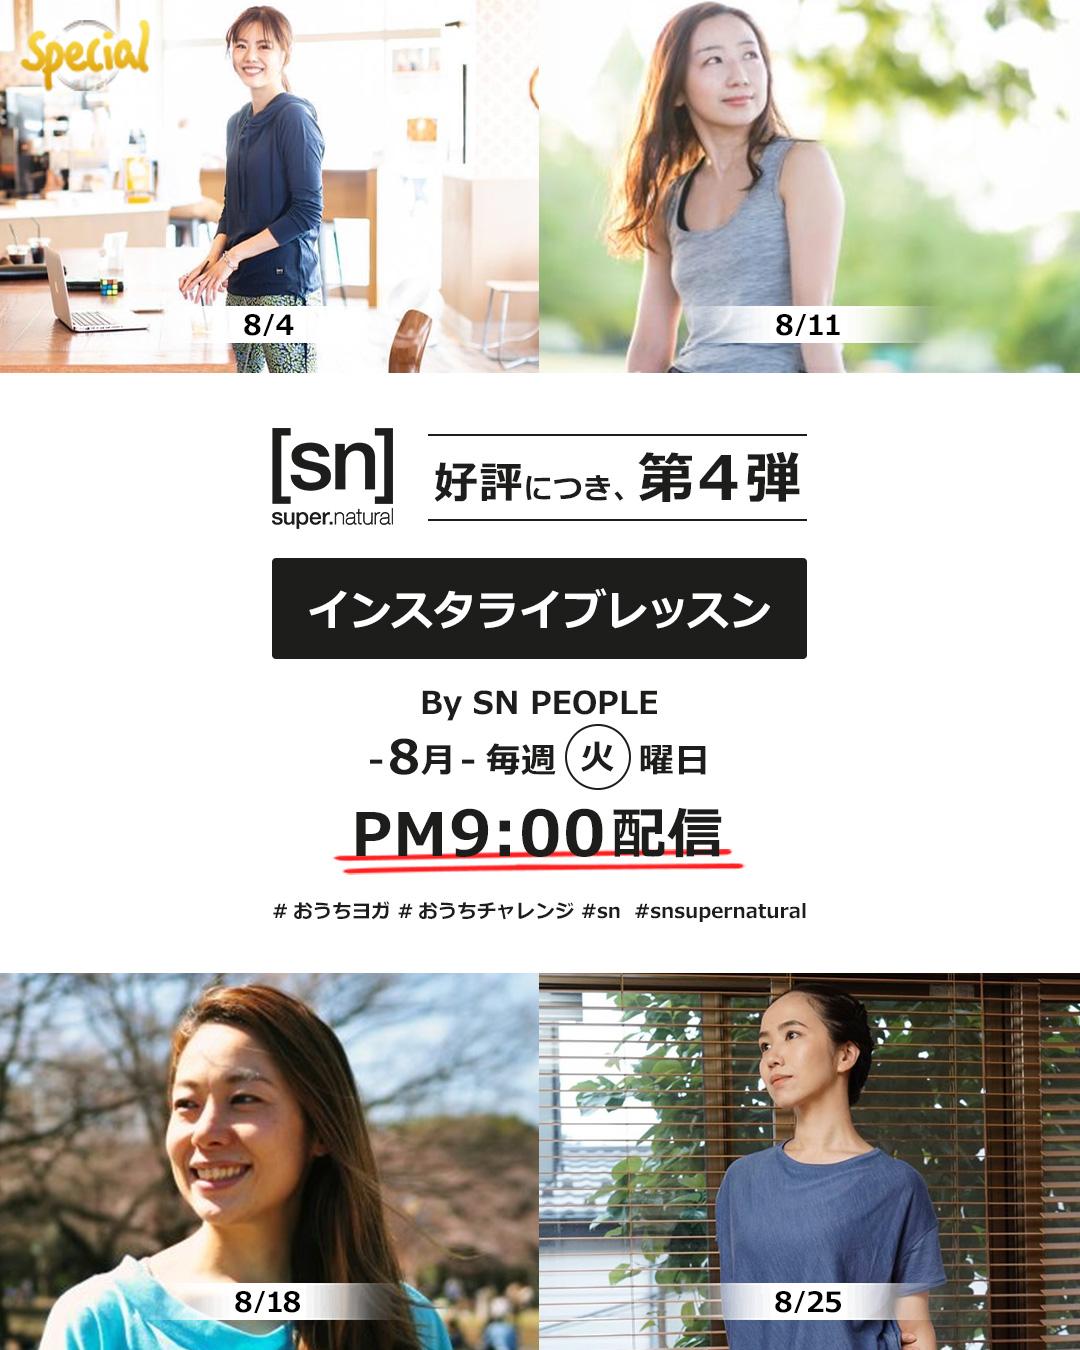 <SN People Presents> 自宅でもできるインスタライブレッスン第4弾! 期間: 8月毎週火曜日PM9:00配信